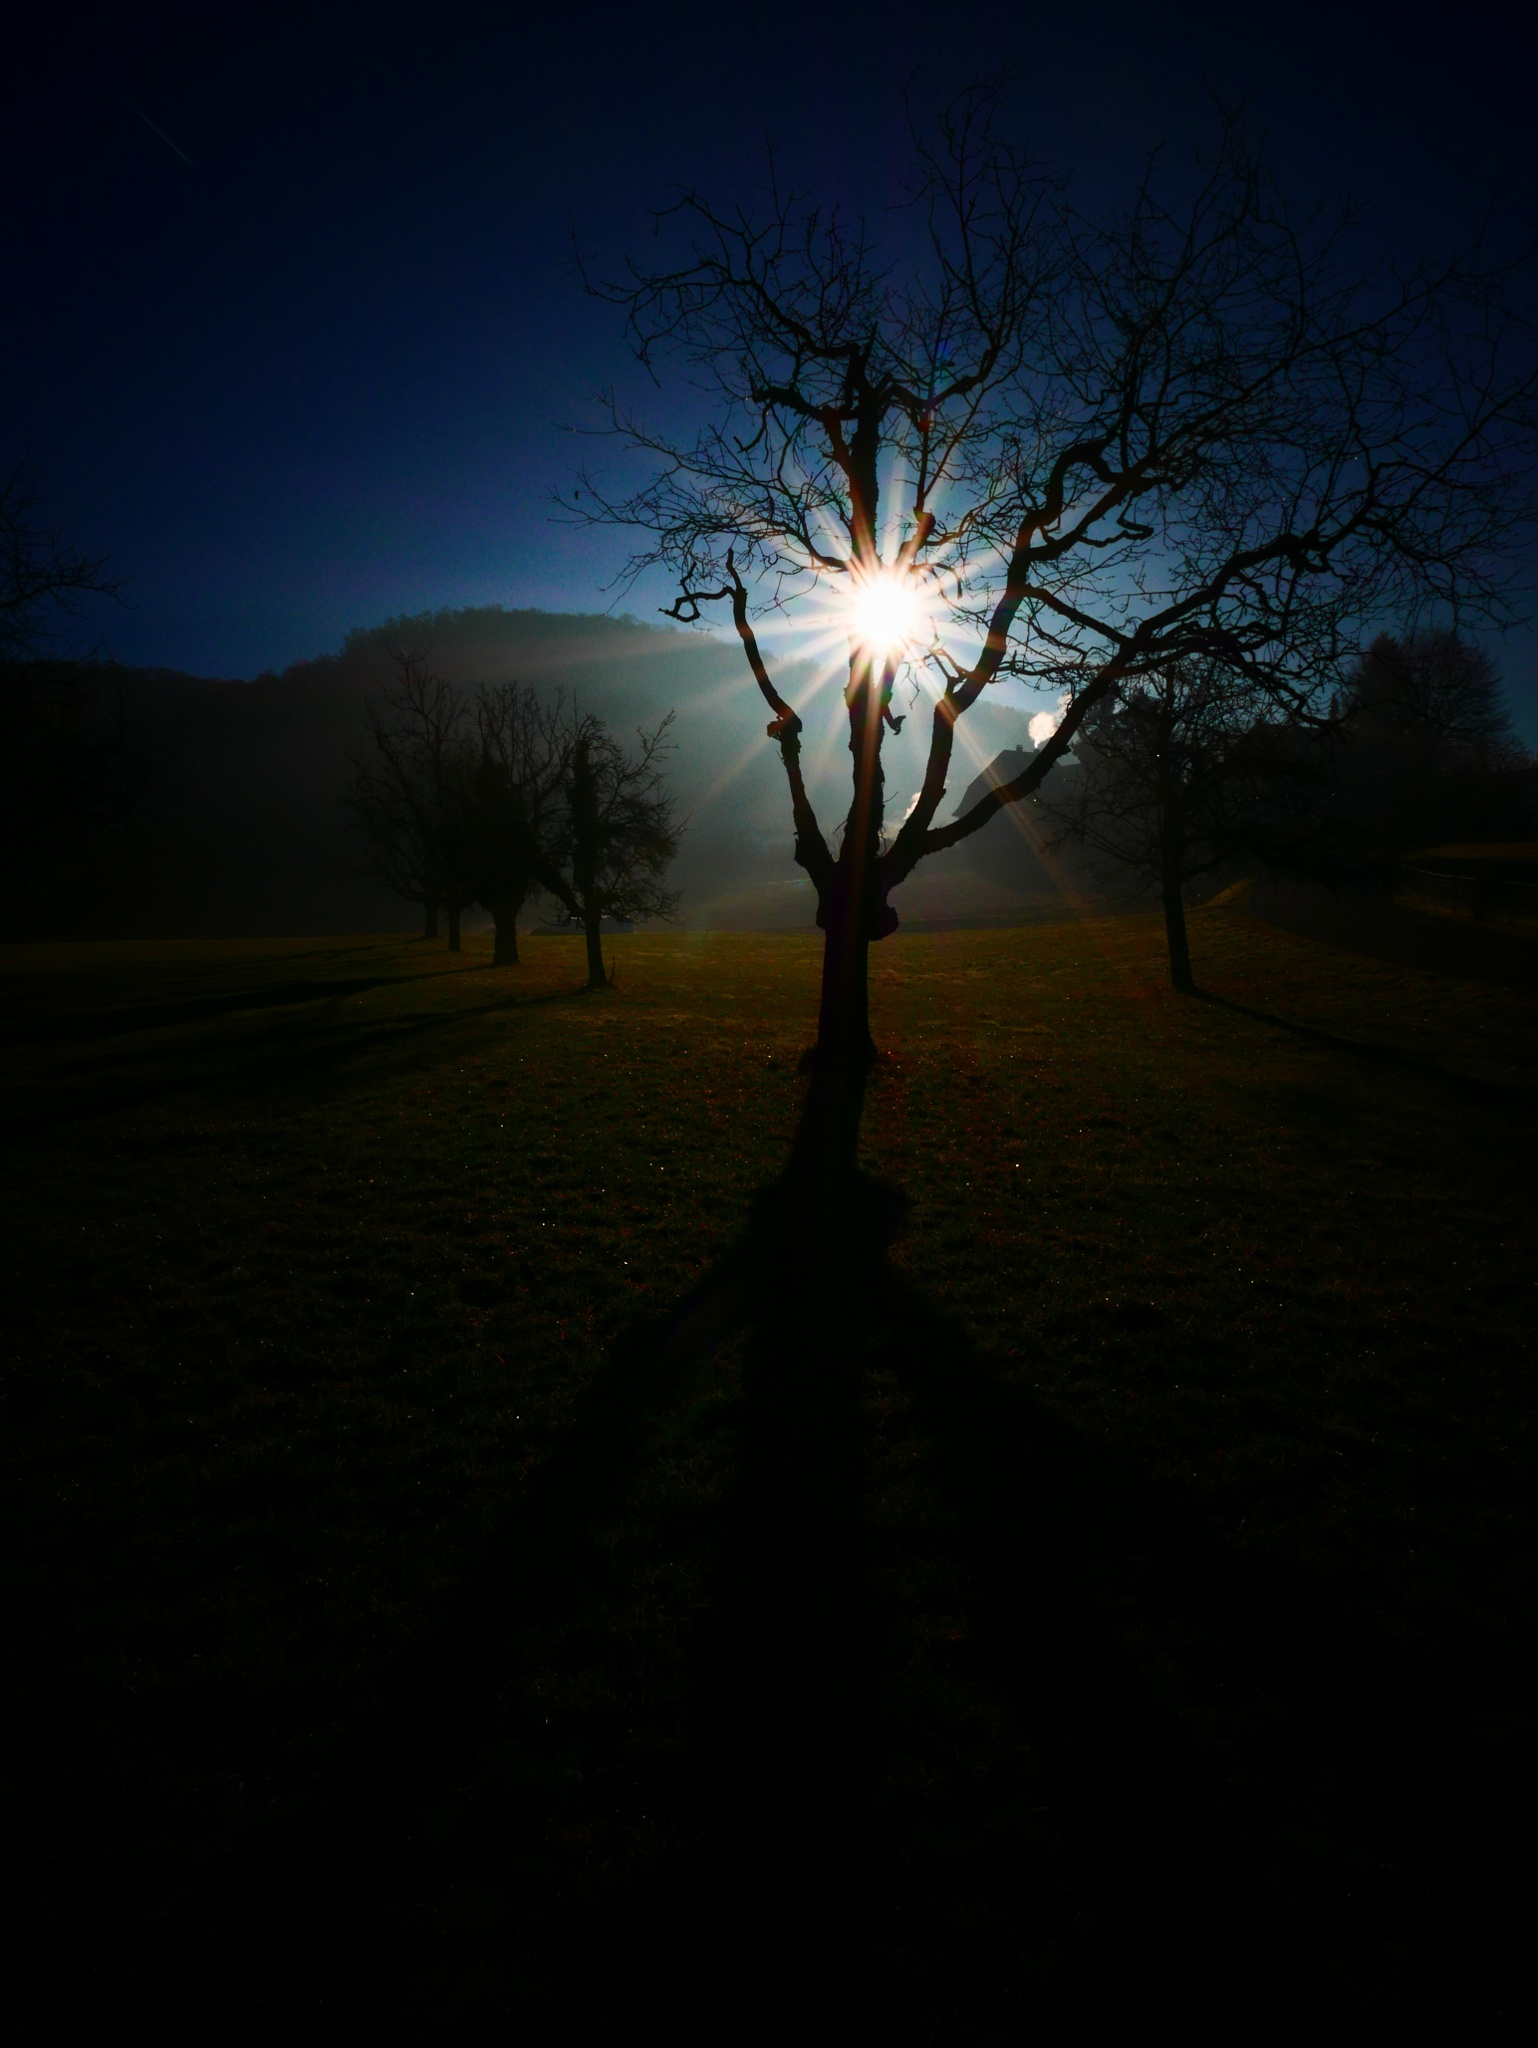 Gegenlicht am Morgen by percy ottinger